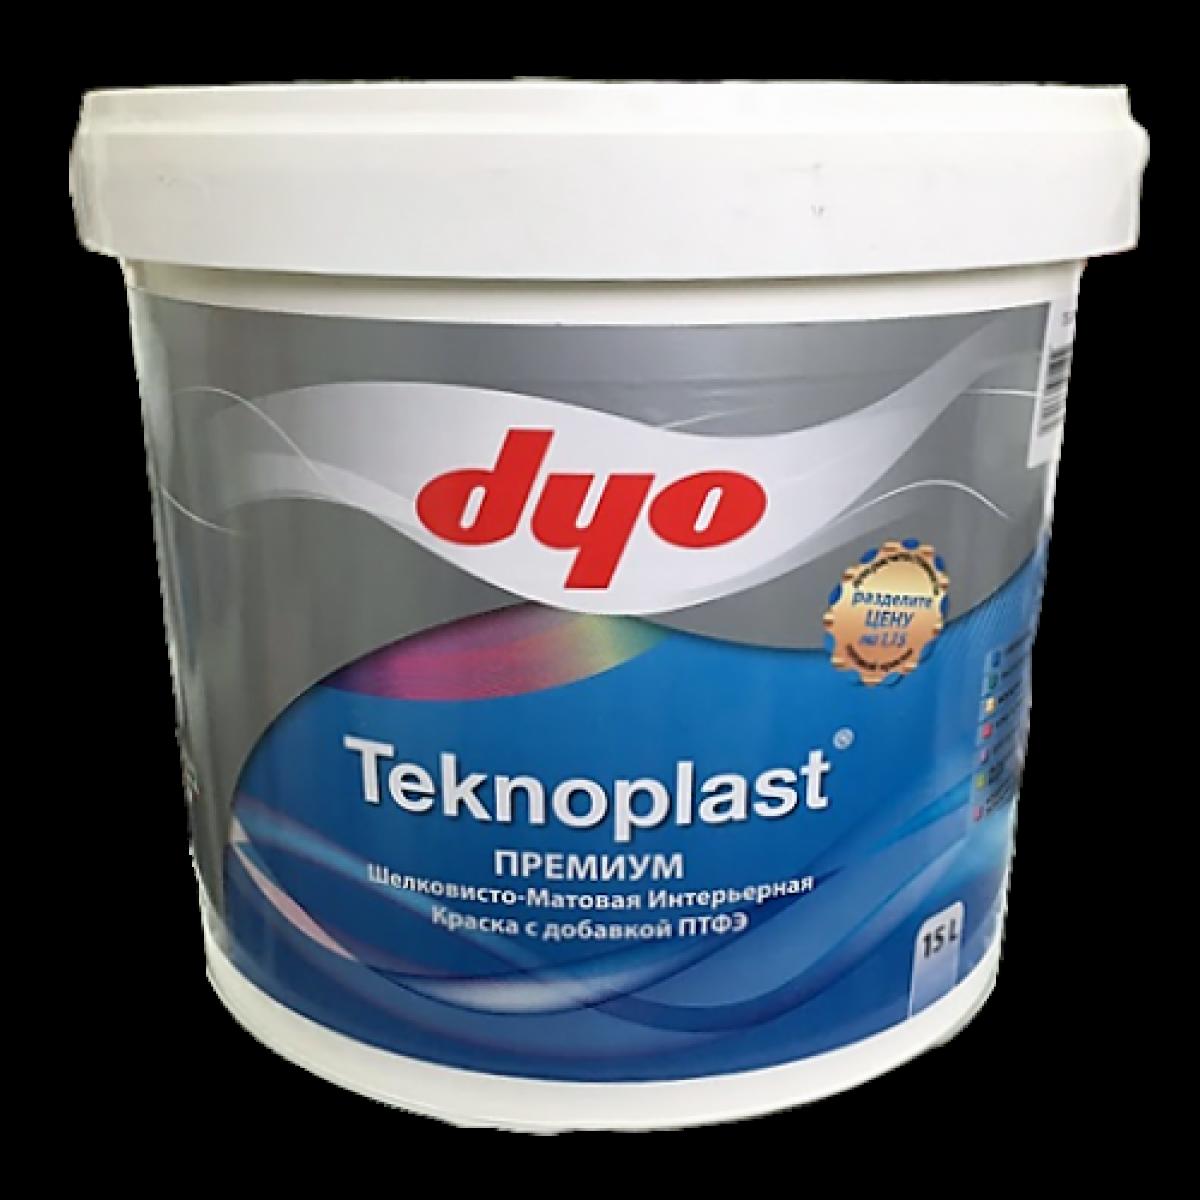 Teknoplast - Интерьерная водоэмульсионная тефлоновая шелковисто-матовая краска